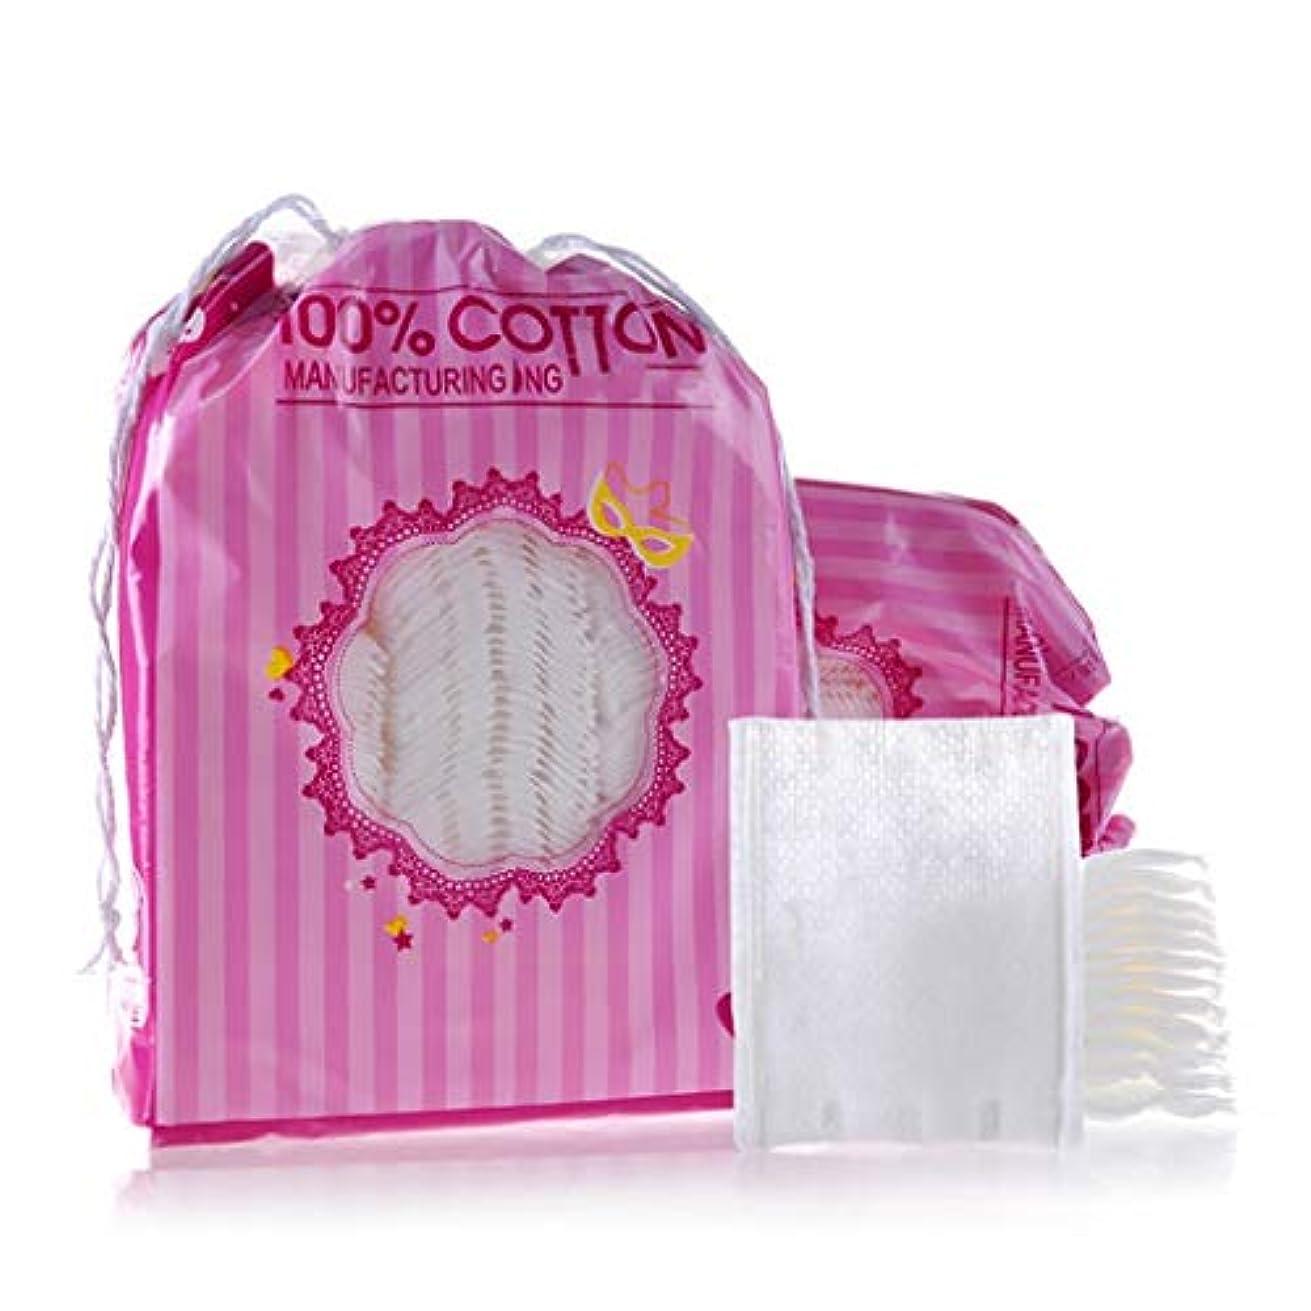 解釈柔和参照クレンジングシート 200ピースコットンメイクアップリムーバーパッドソフトオーガニックネイルポリッシュワイプ両面フェイスクレンジング美容化粧品パッド (Color : White)